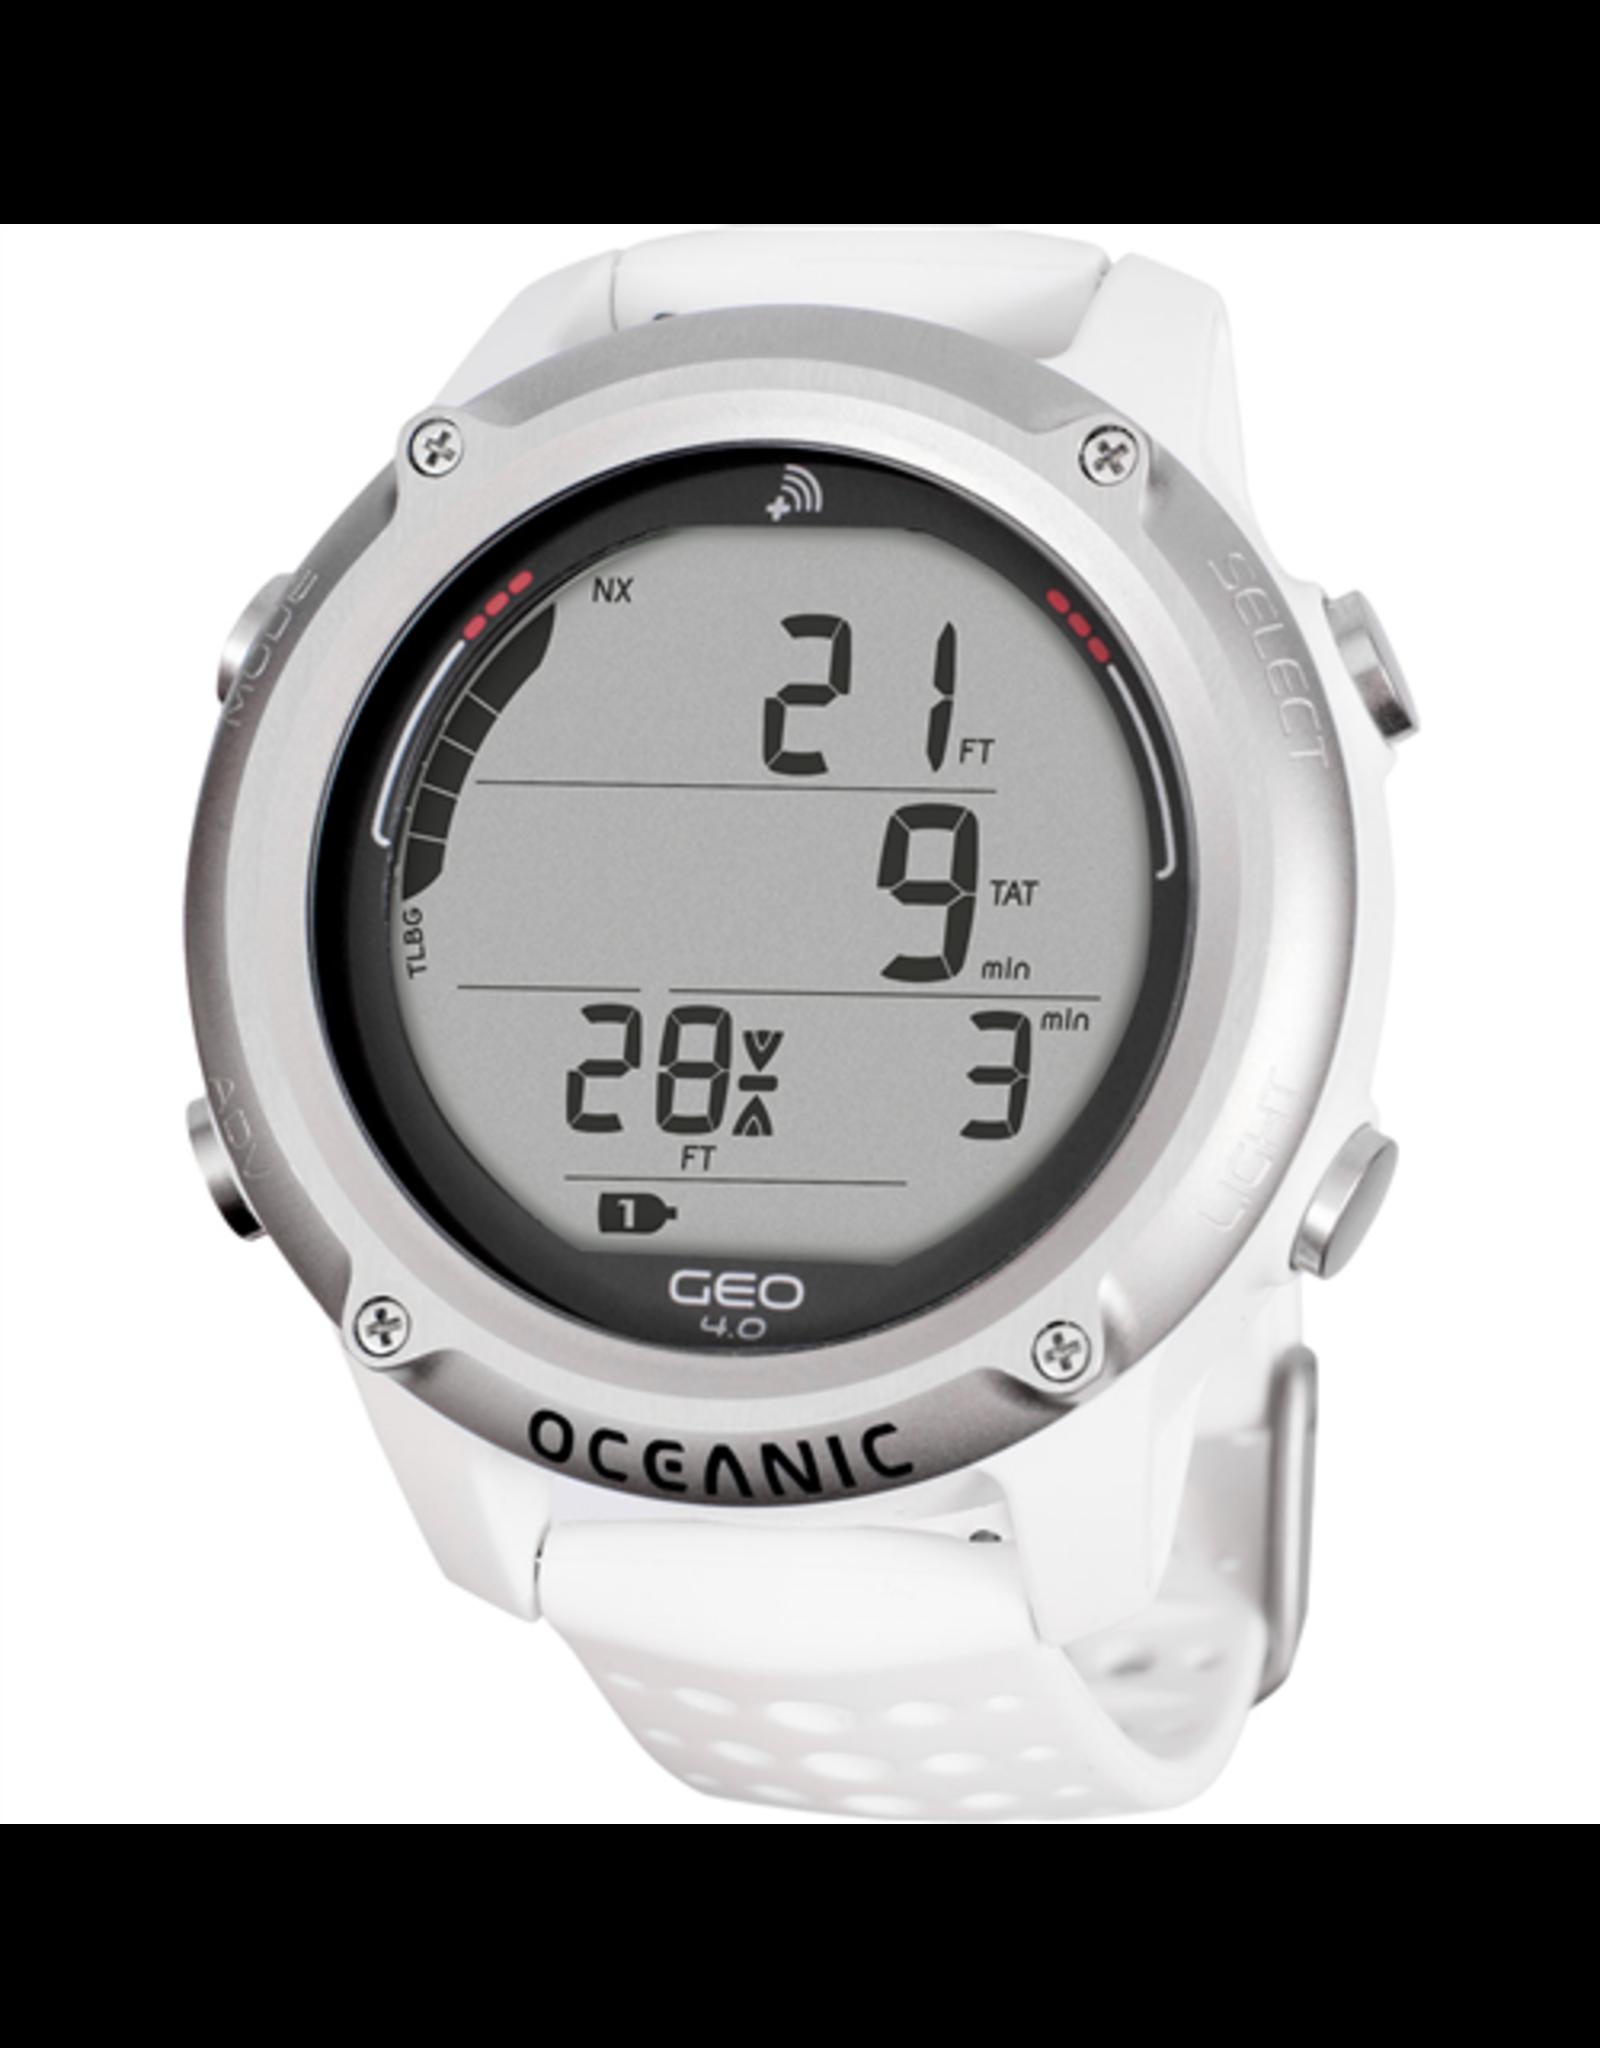 Oceanic Oceanic Geo 4.0 Dive Computer